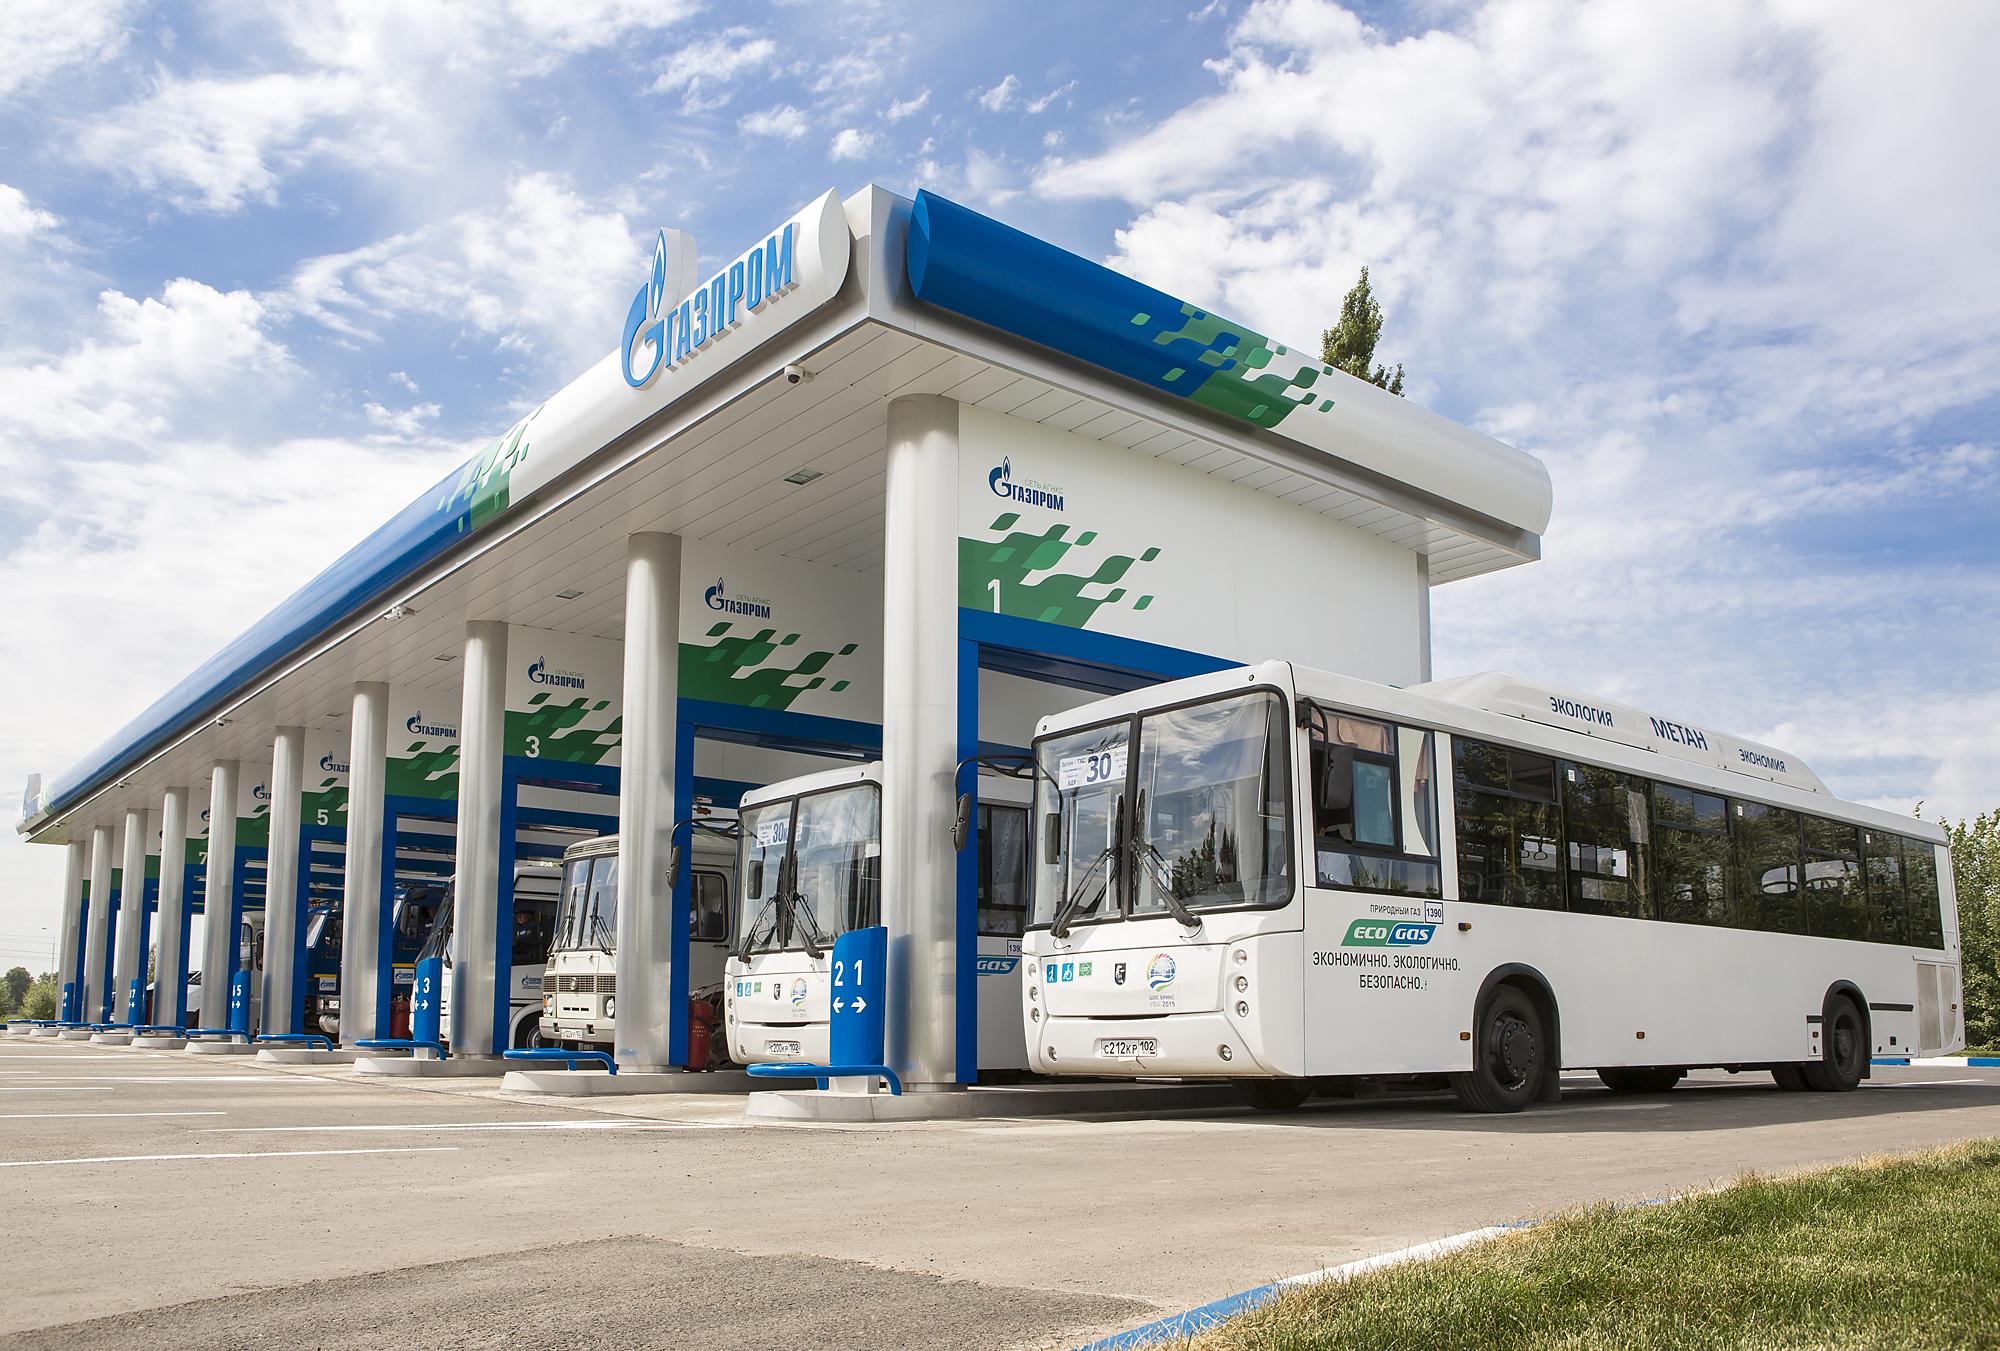 Реализация газа через сеть АГНКС в России в 2015 г выросла на 10%, несмотря на отставание инфраструктуры